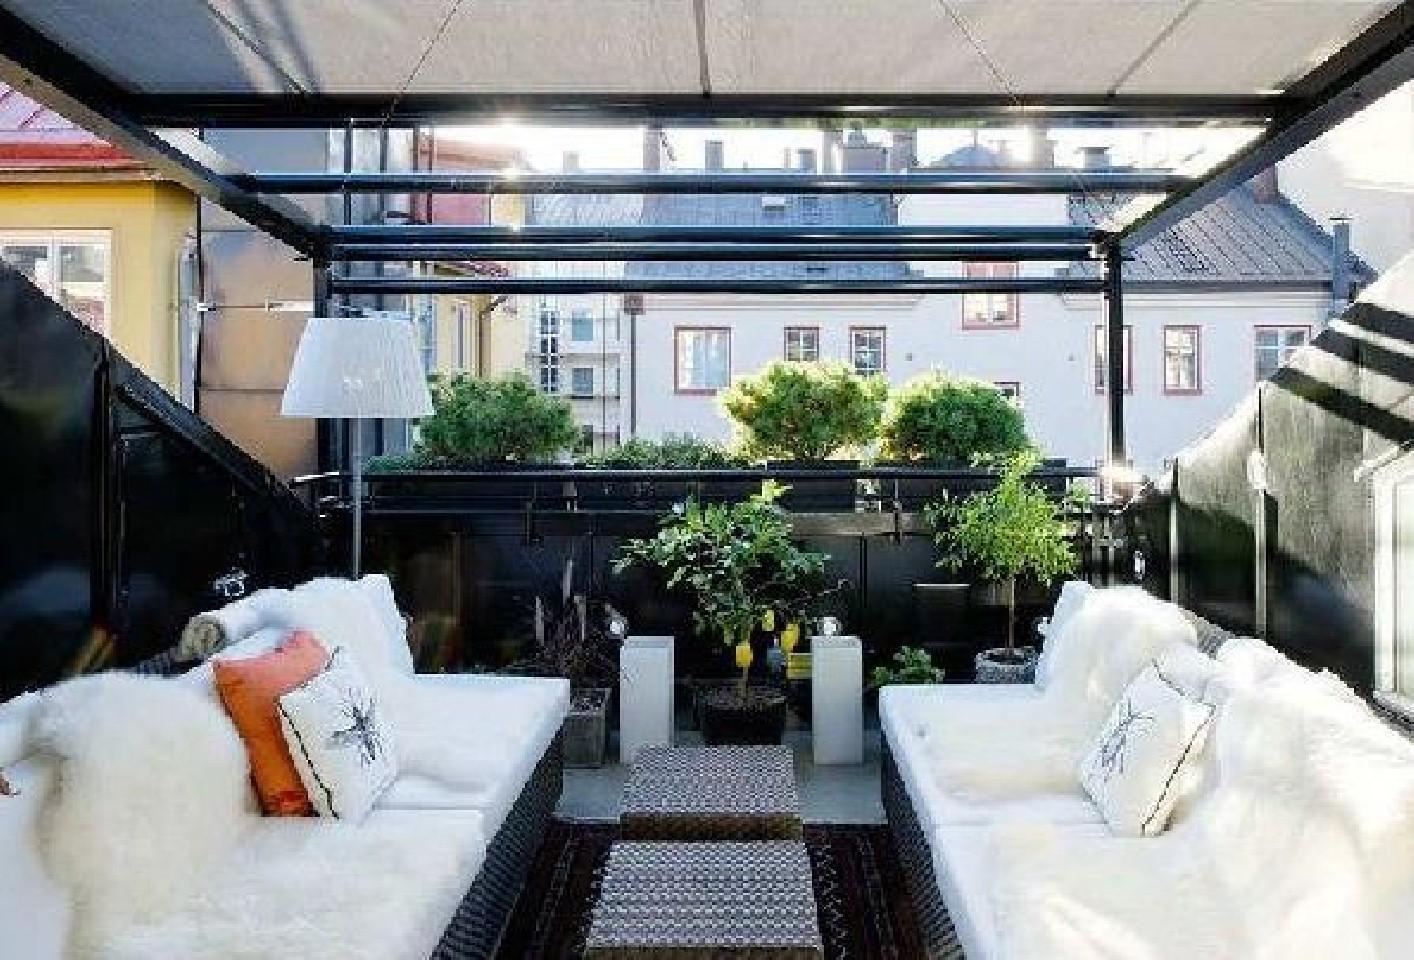 terraced house decor ideas - house interior